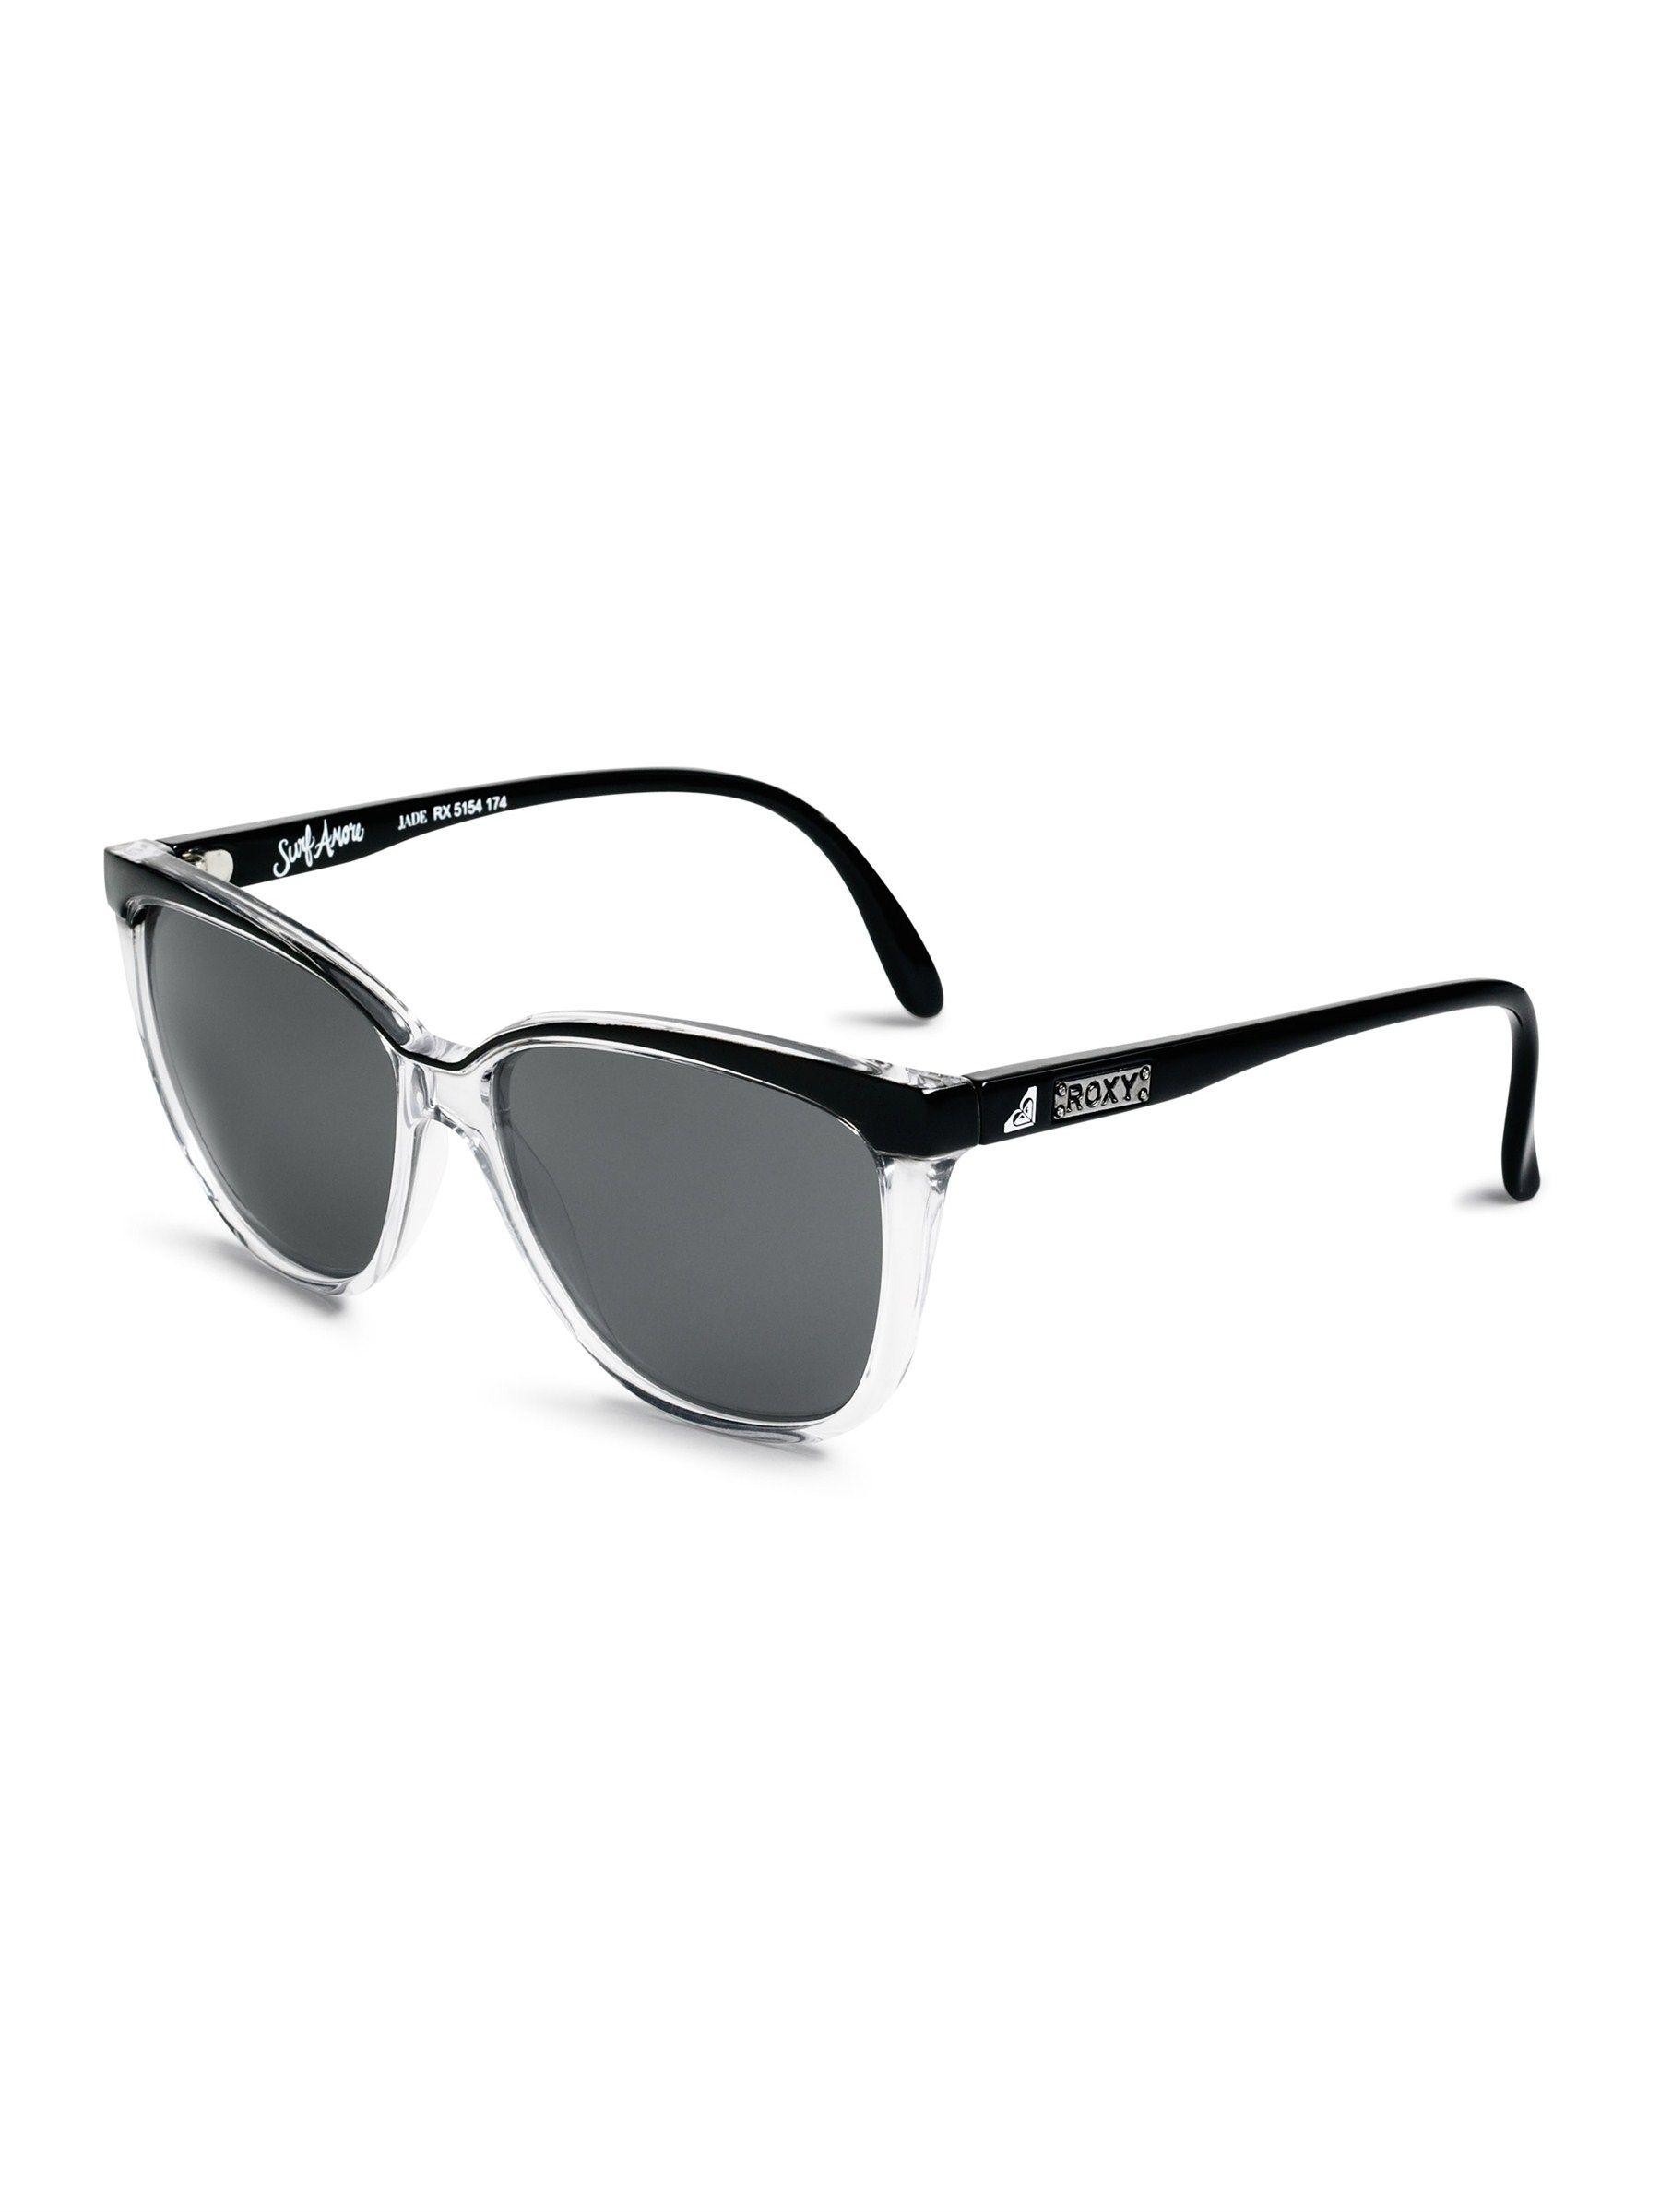 Jade Sunglasses   Wink   Pinterest 770aefa4ff